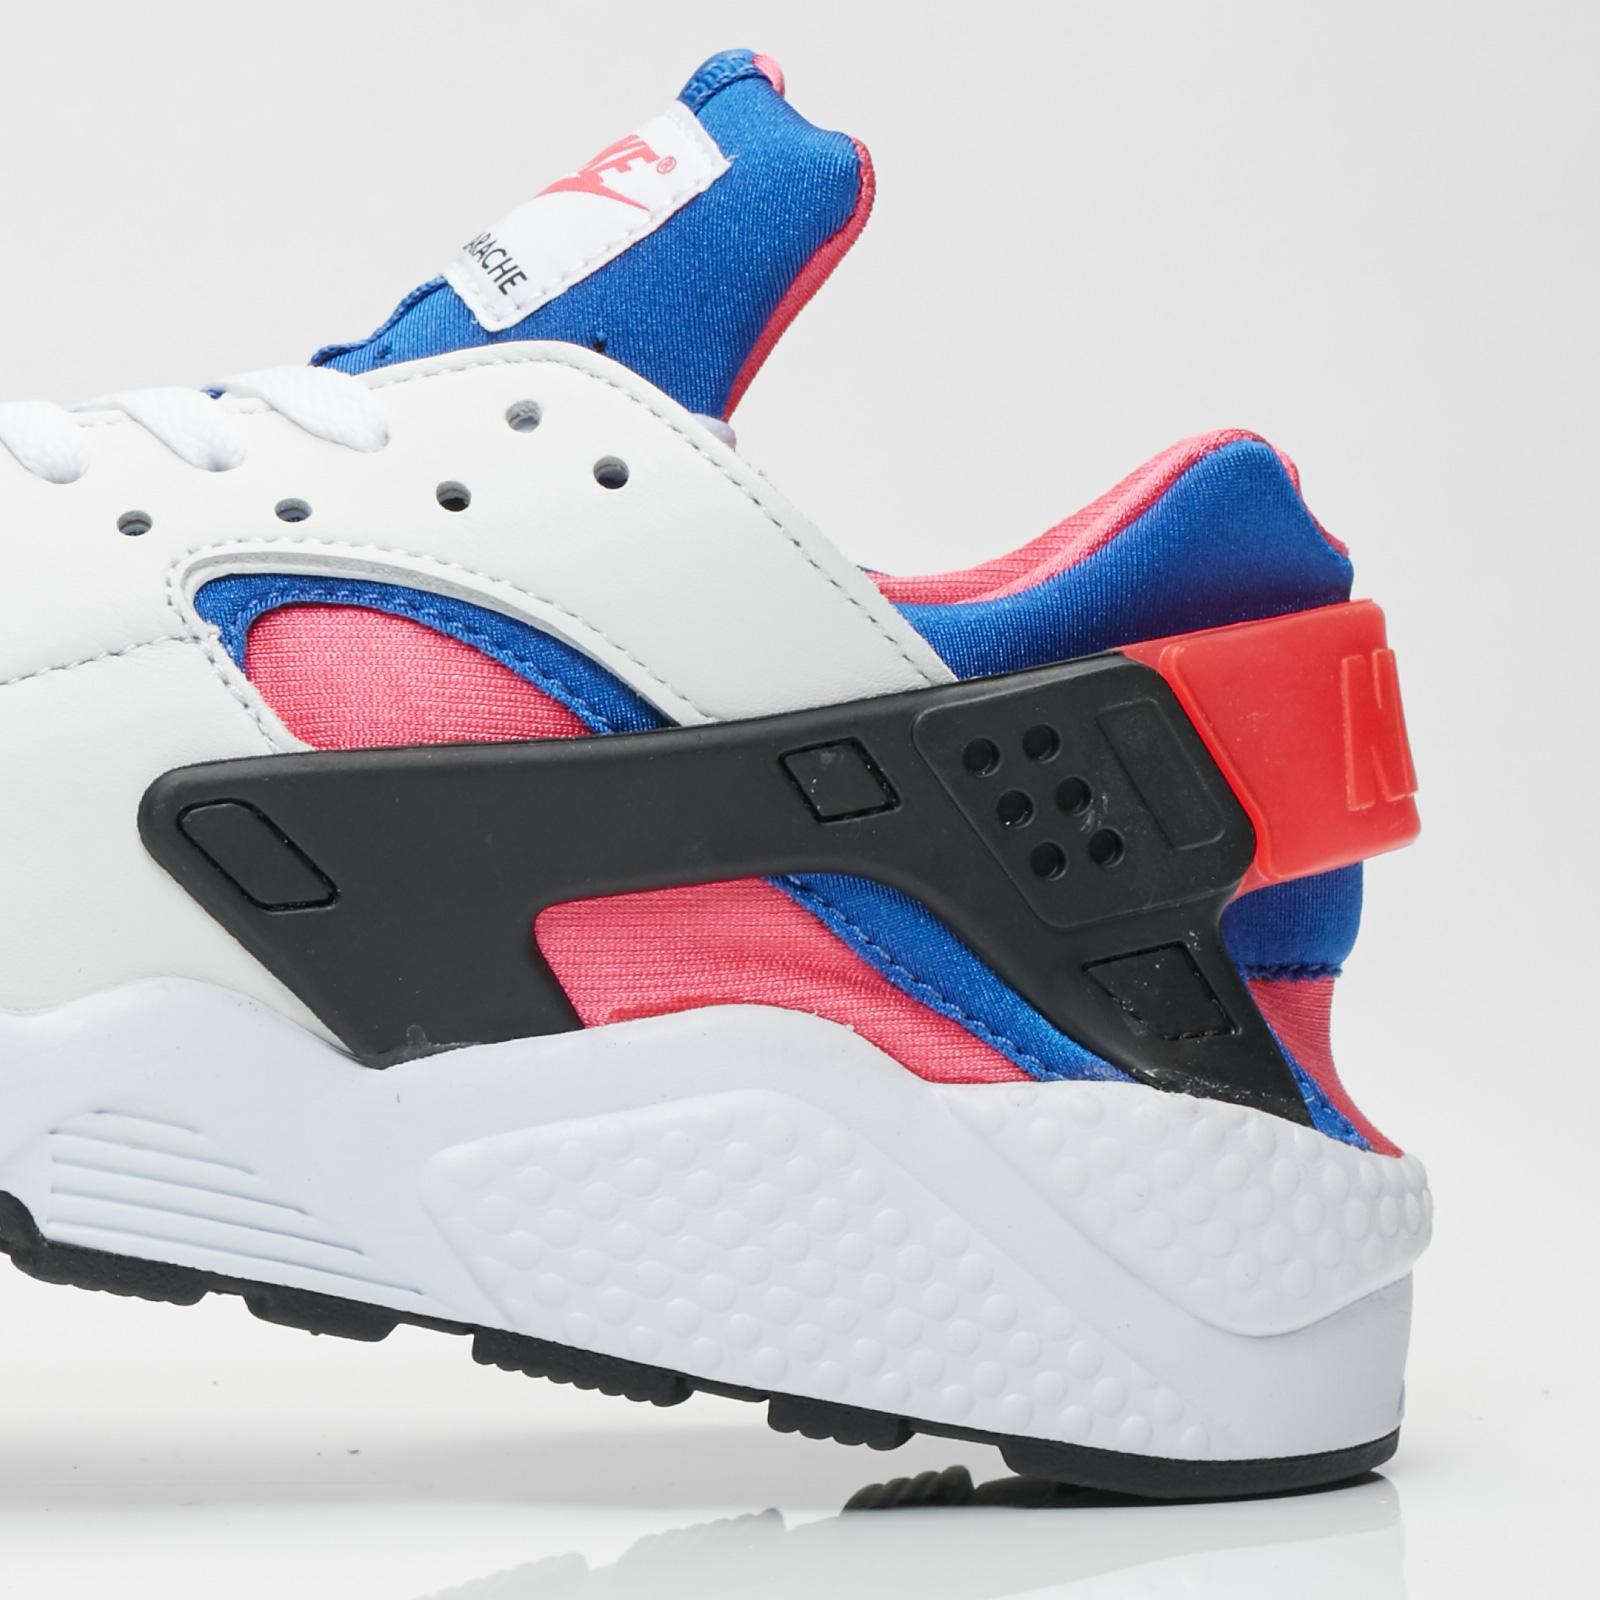 comerciante yeso Estrecho de Bering  Nike Air Huarache Run 91 QS - Ah8049-100 - Sneakersnstuff | sneakers &  streetwear på nätet sen 1999